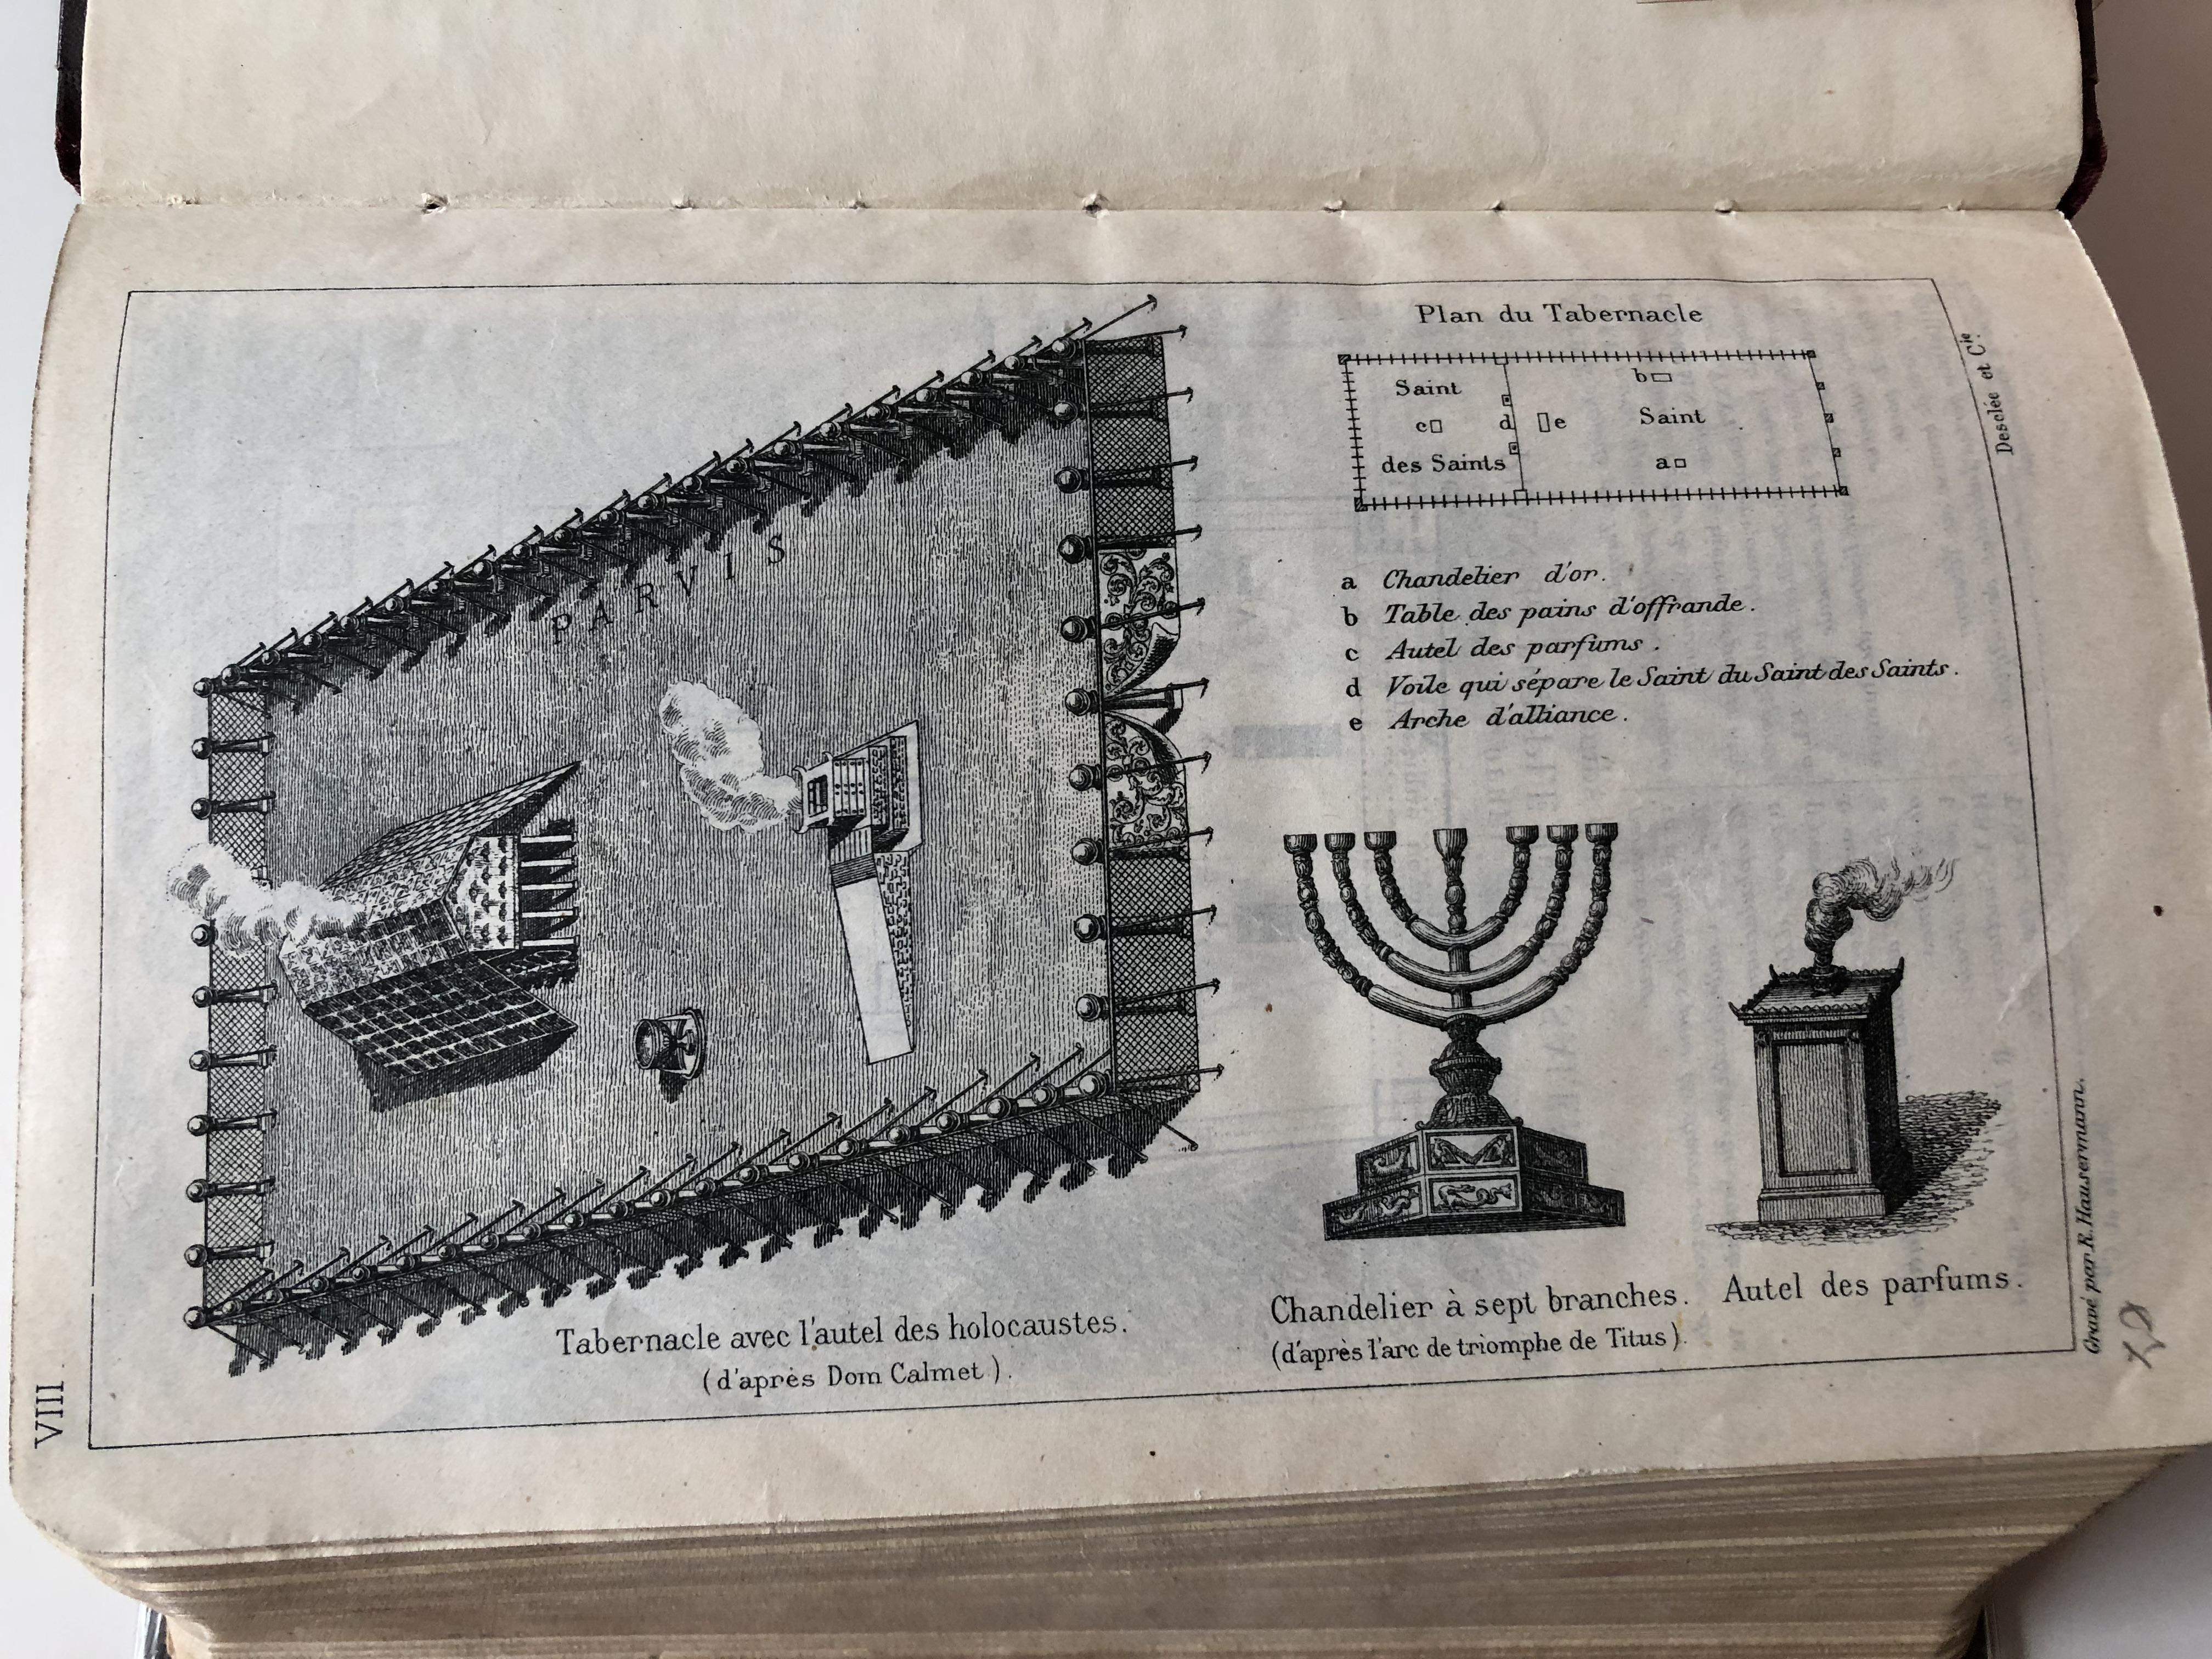 french-bible-1905-la-sainte-bible-25-.jpg